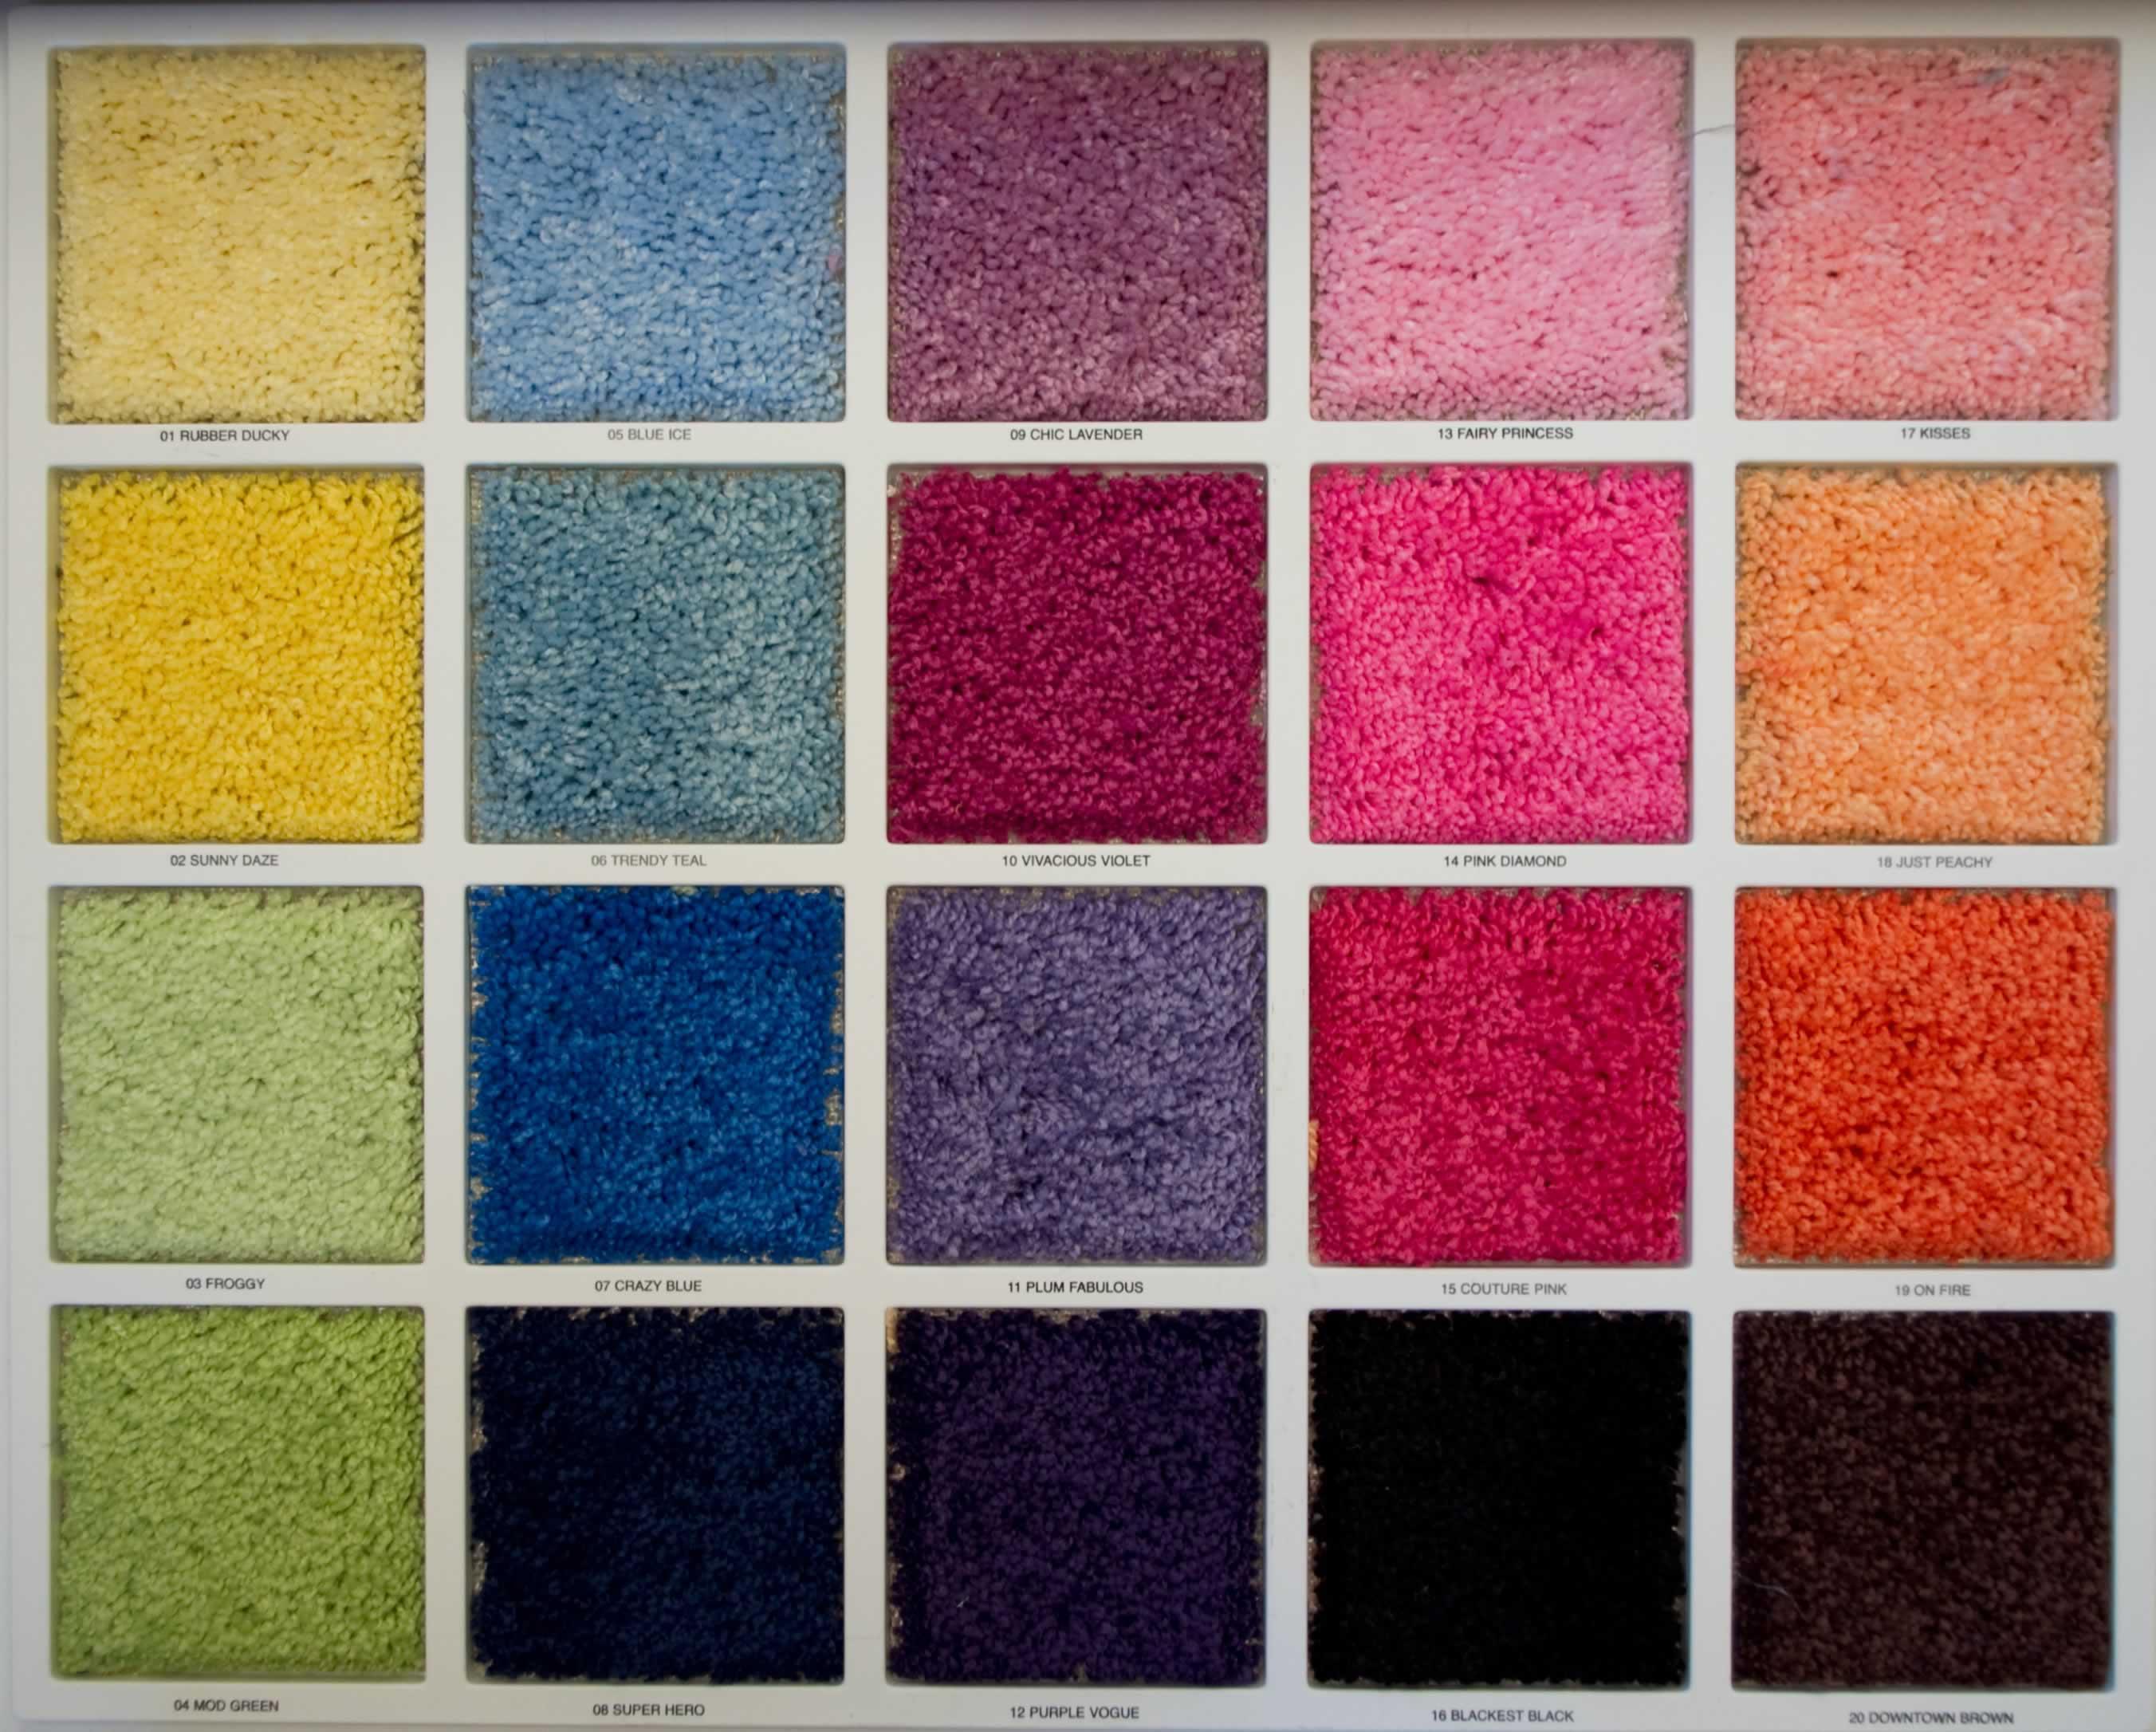 Carpet Color Anderson Carpet Tile Grout Hardwood